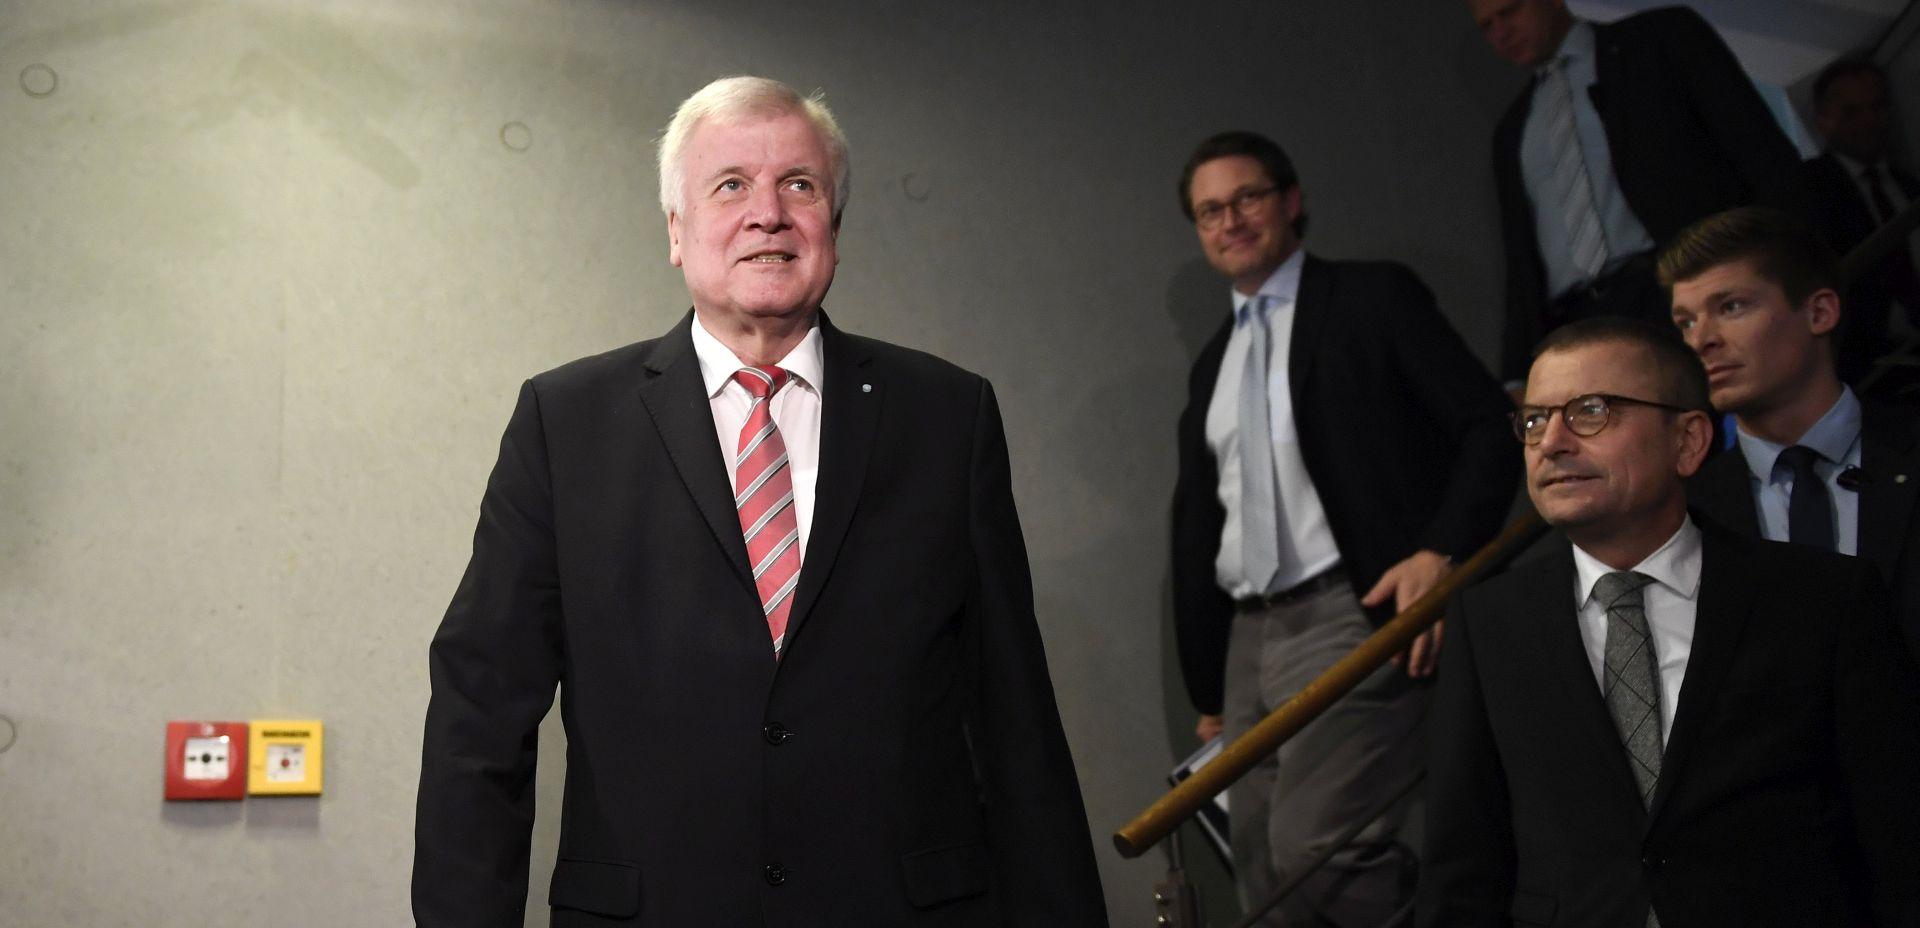 Šef bavarskih konzervativaca dao podršku velikoj koaliciji